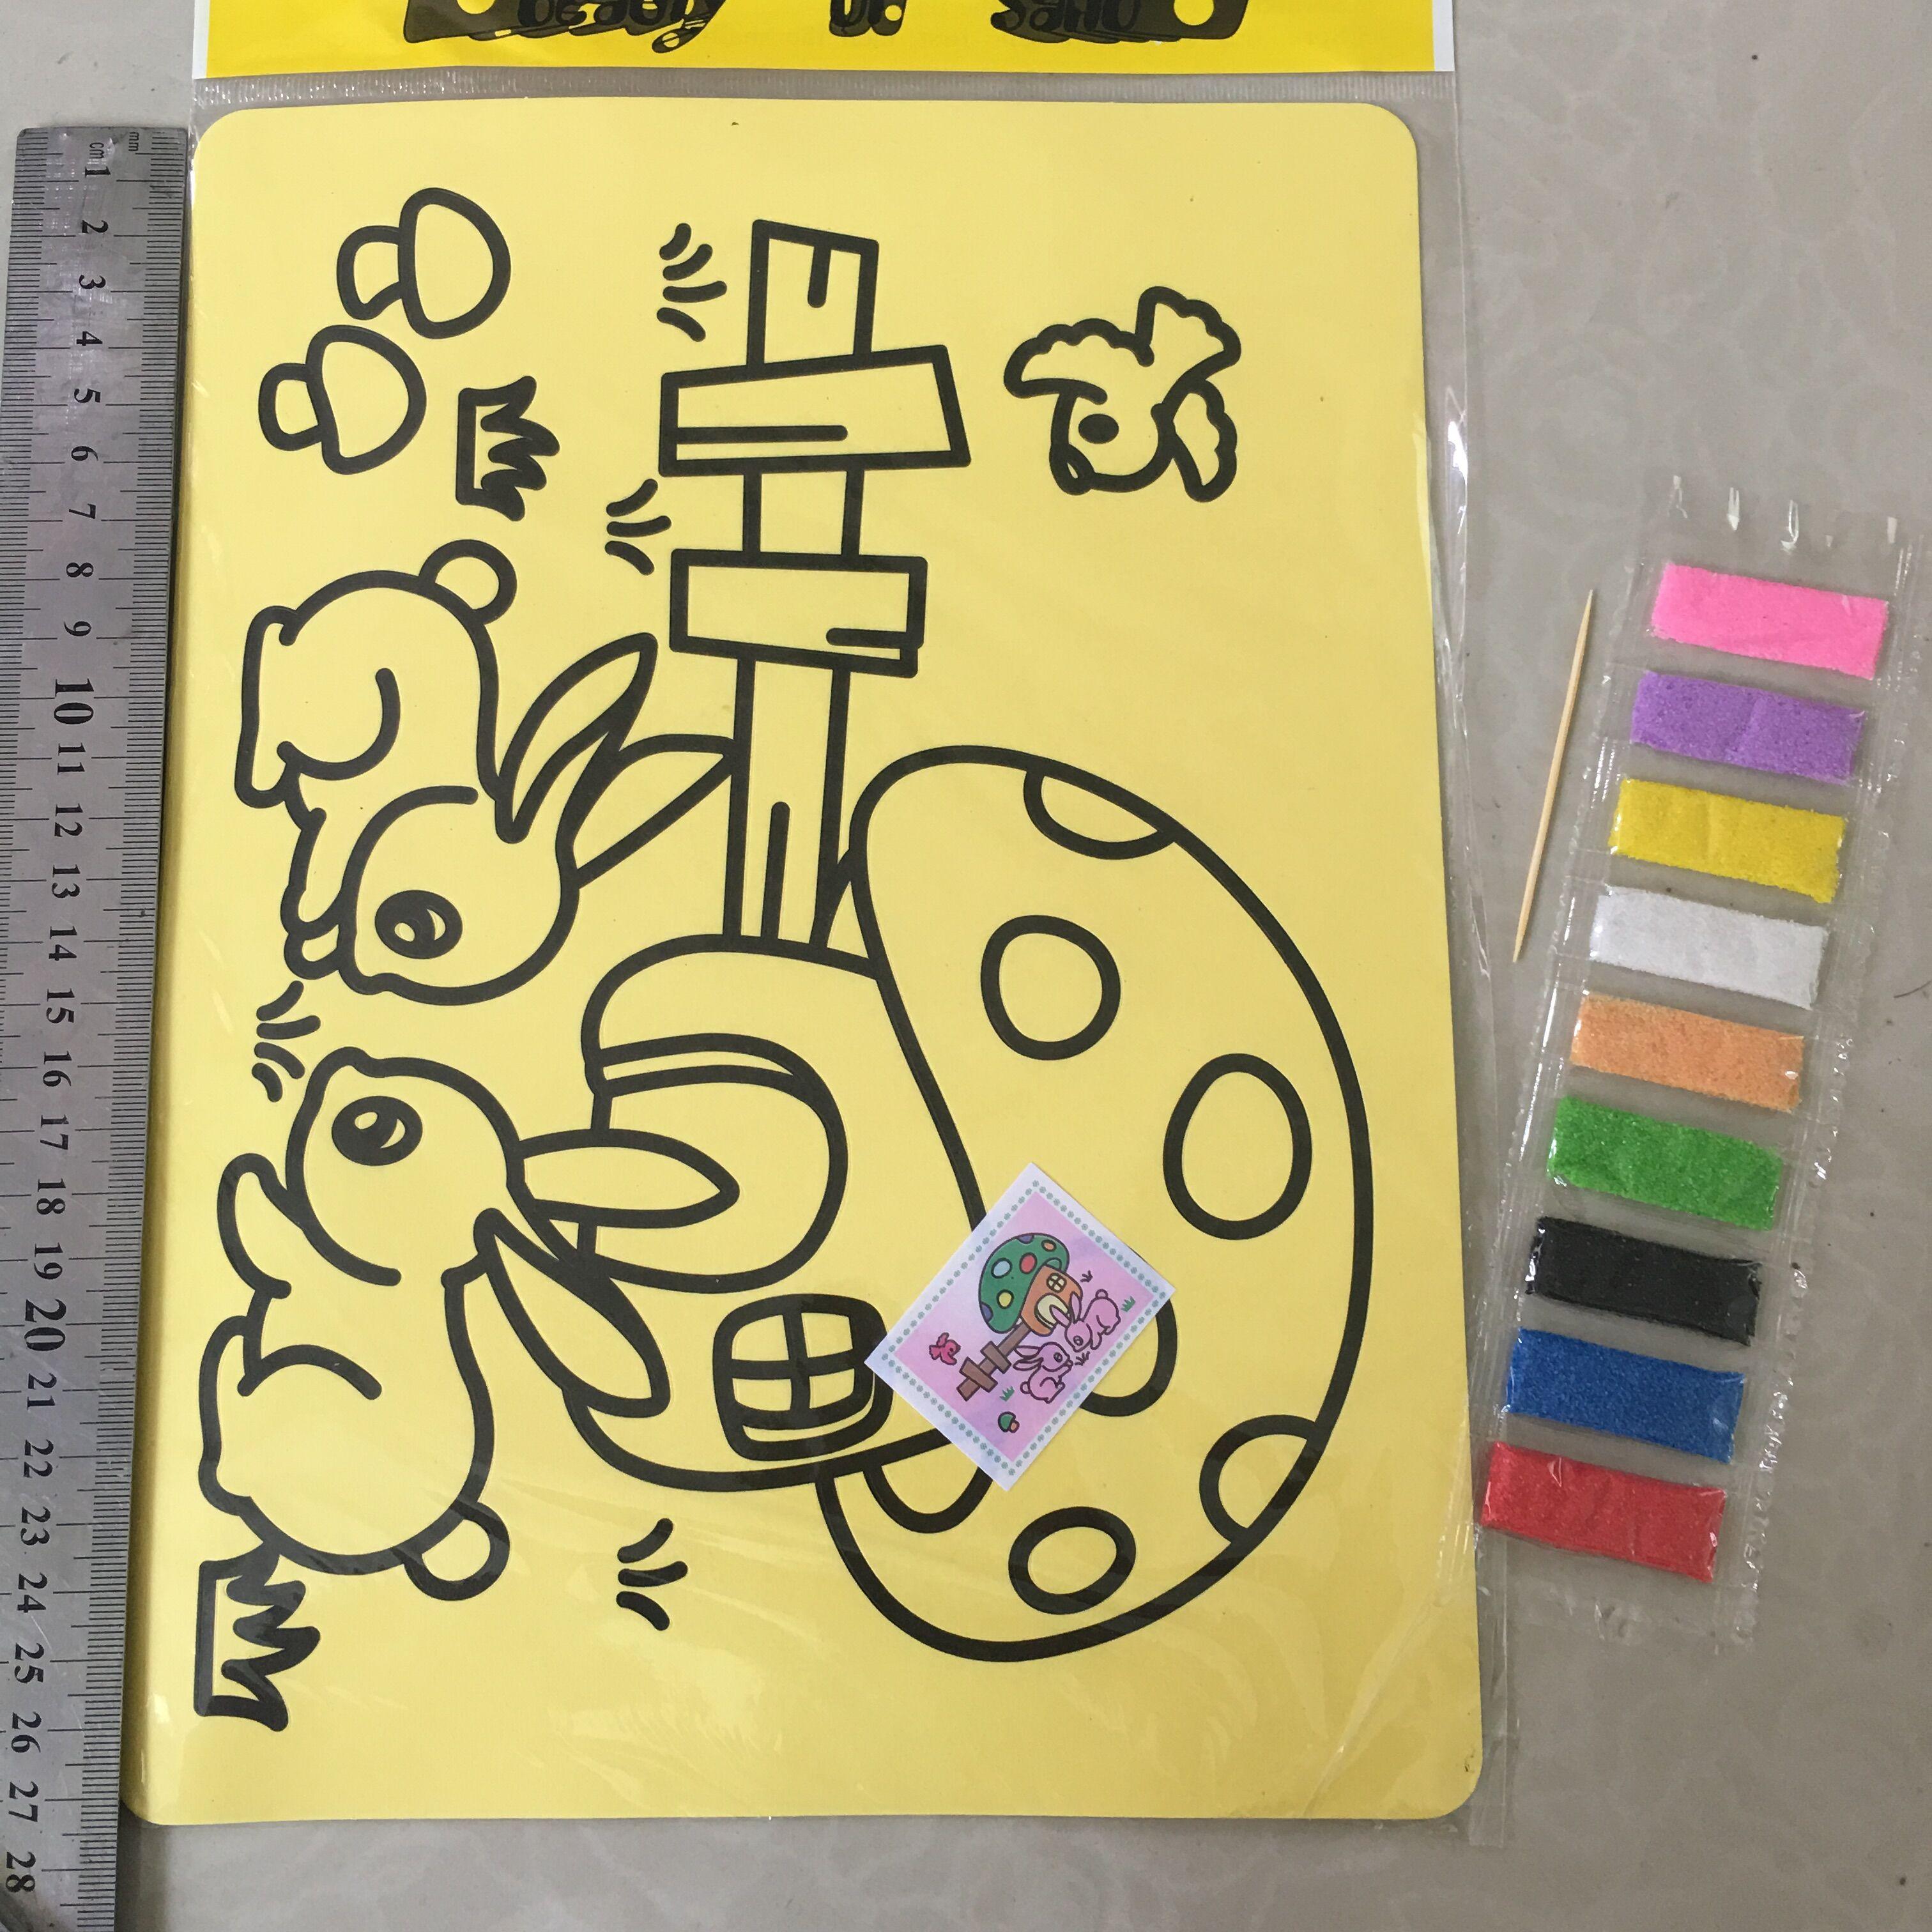 Sale CCINEE 10 PCs LOT 11x9 CM Children Kids Drawing Toys Sand